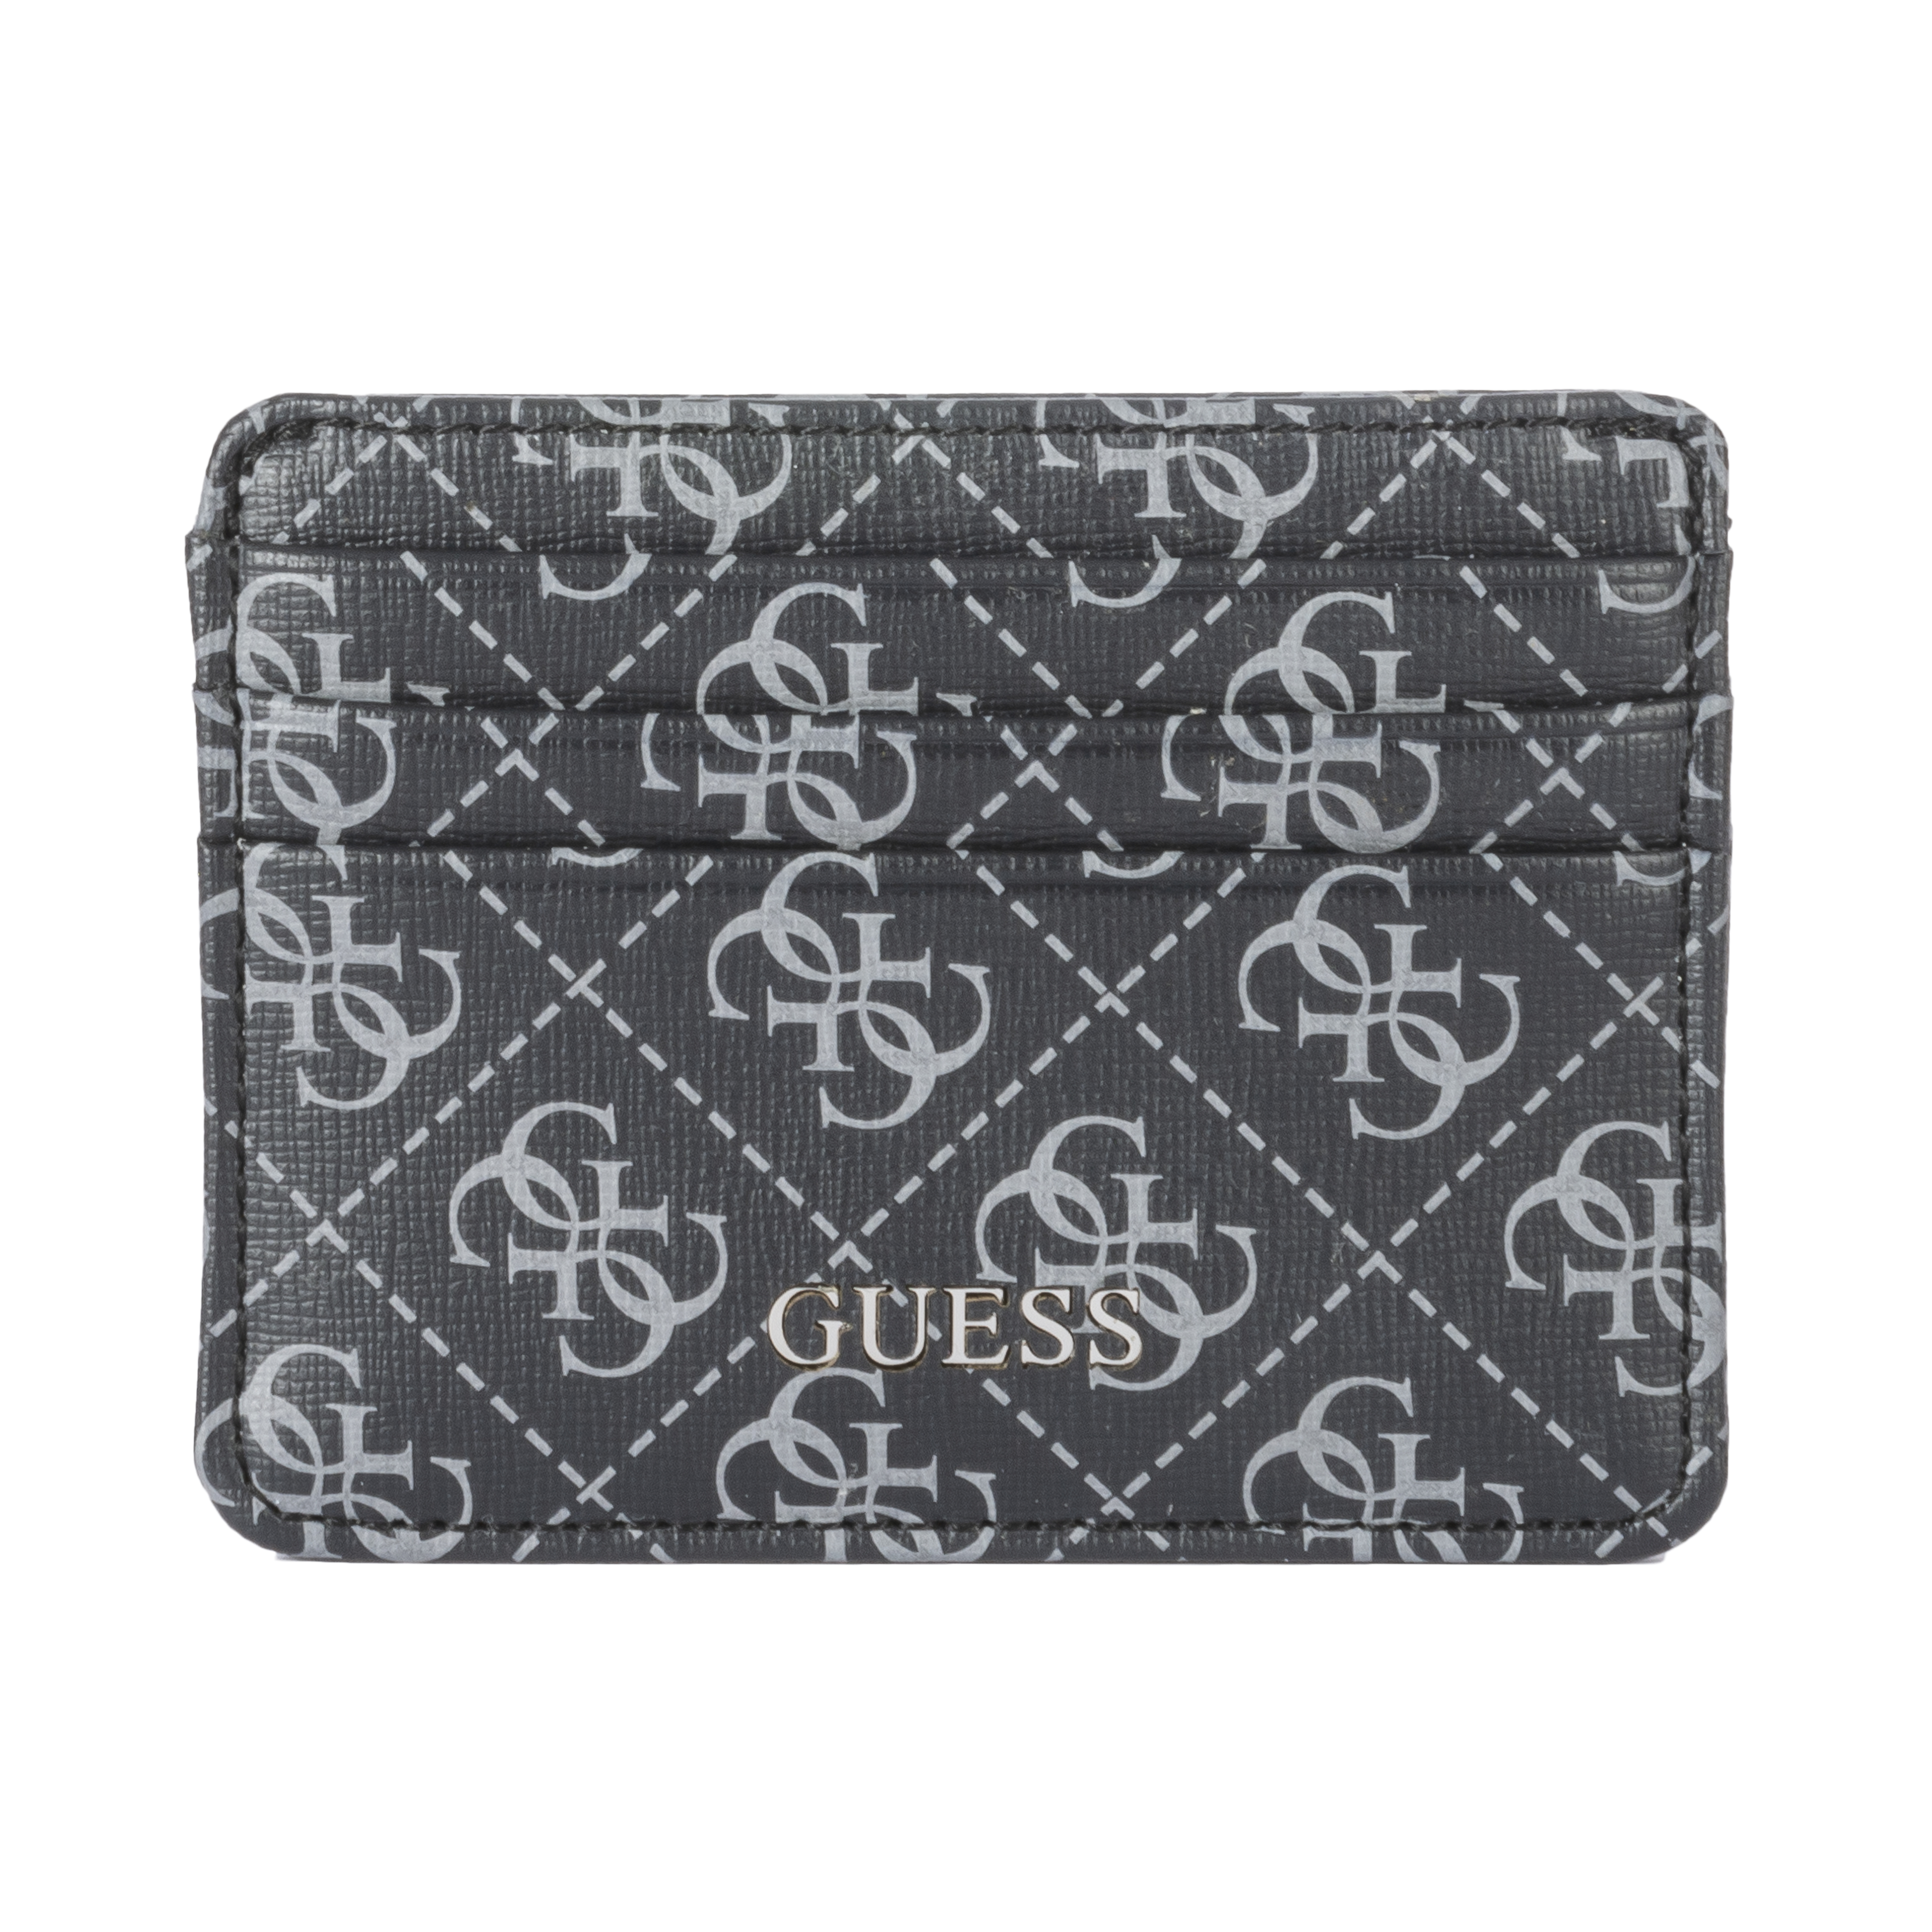 Porte cartes guess noir imprimé